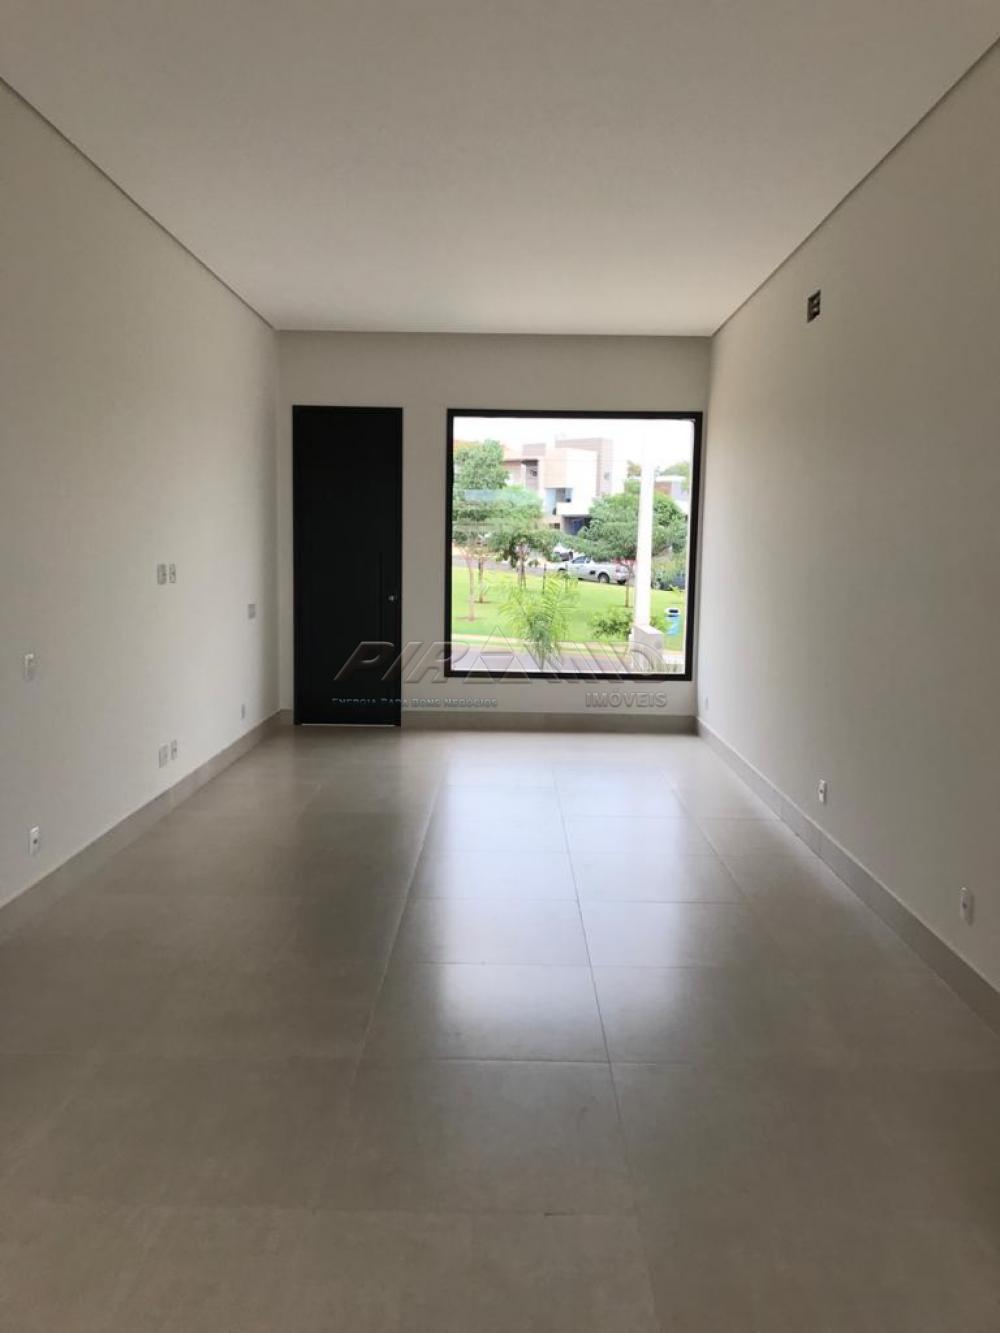 Comprar Casa / Condomínio em Ribeirão Preto apenas R$ 699.000,00 - Foto 4